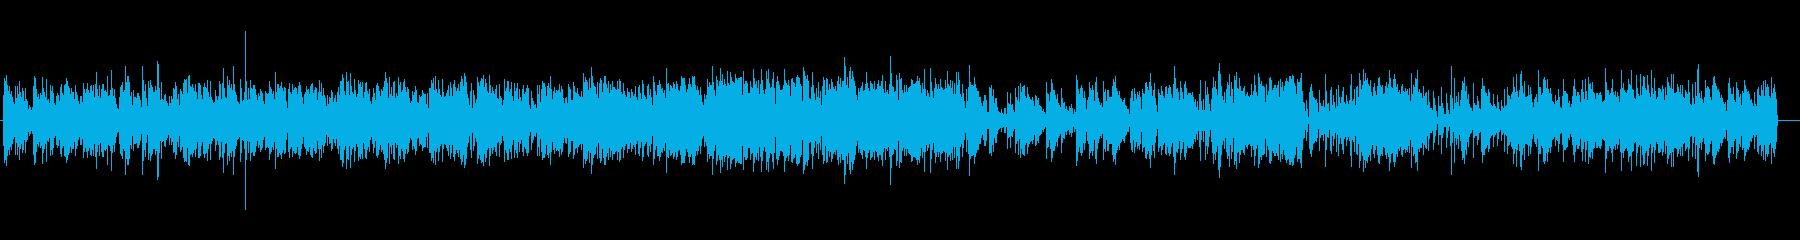 荒城の月のジャズピアノアレンジの再生済みの波形